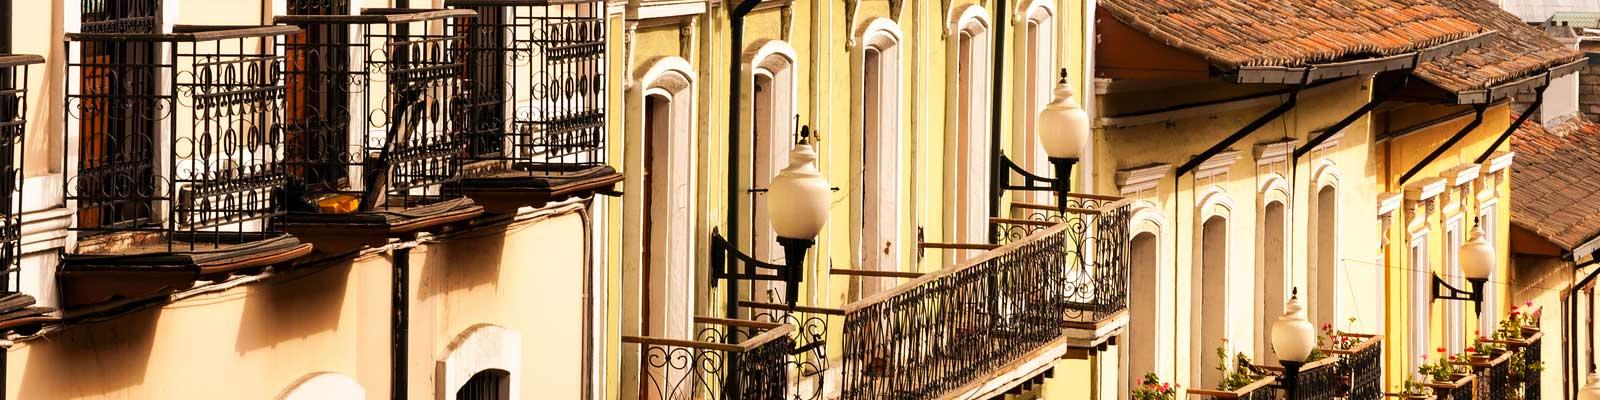 Ecuador Casas com Varanda Grandes casas de luxo. Apartamentos na cidade. Para alugar ou vender